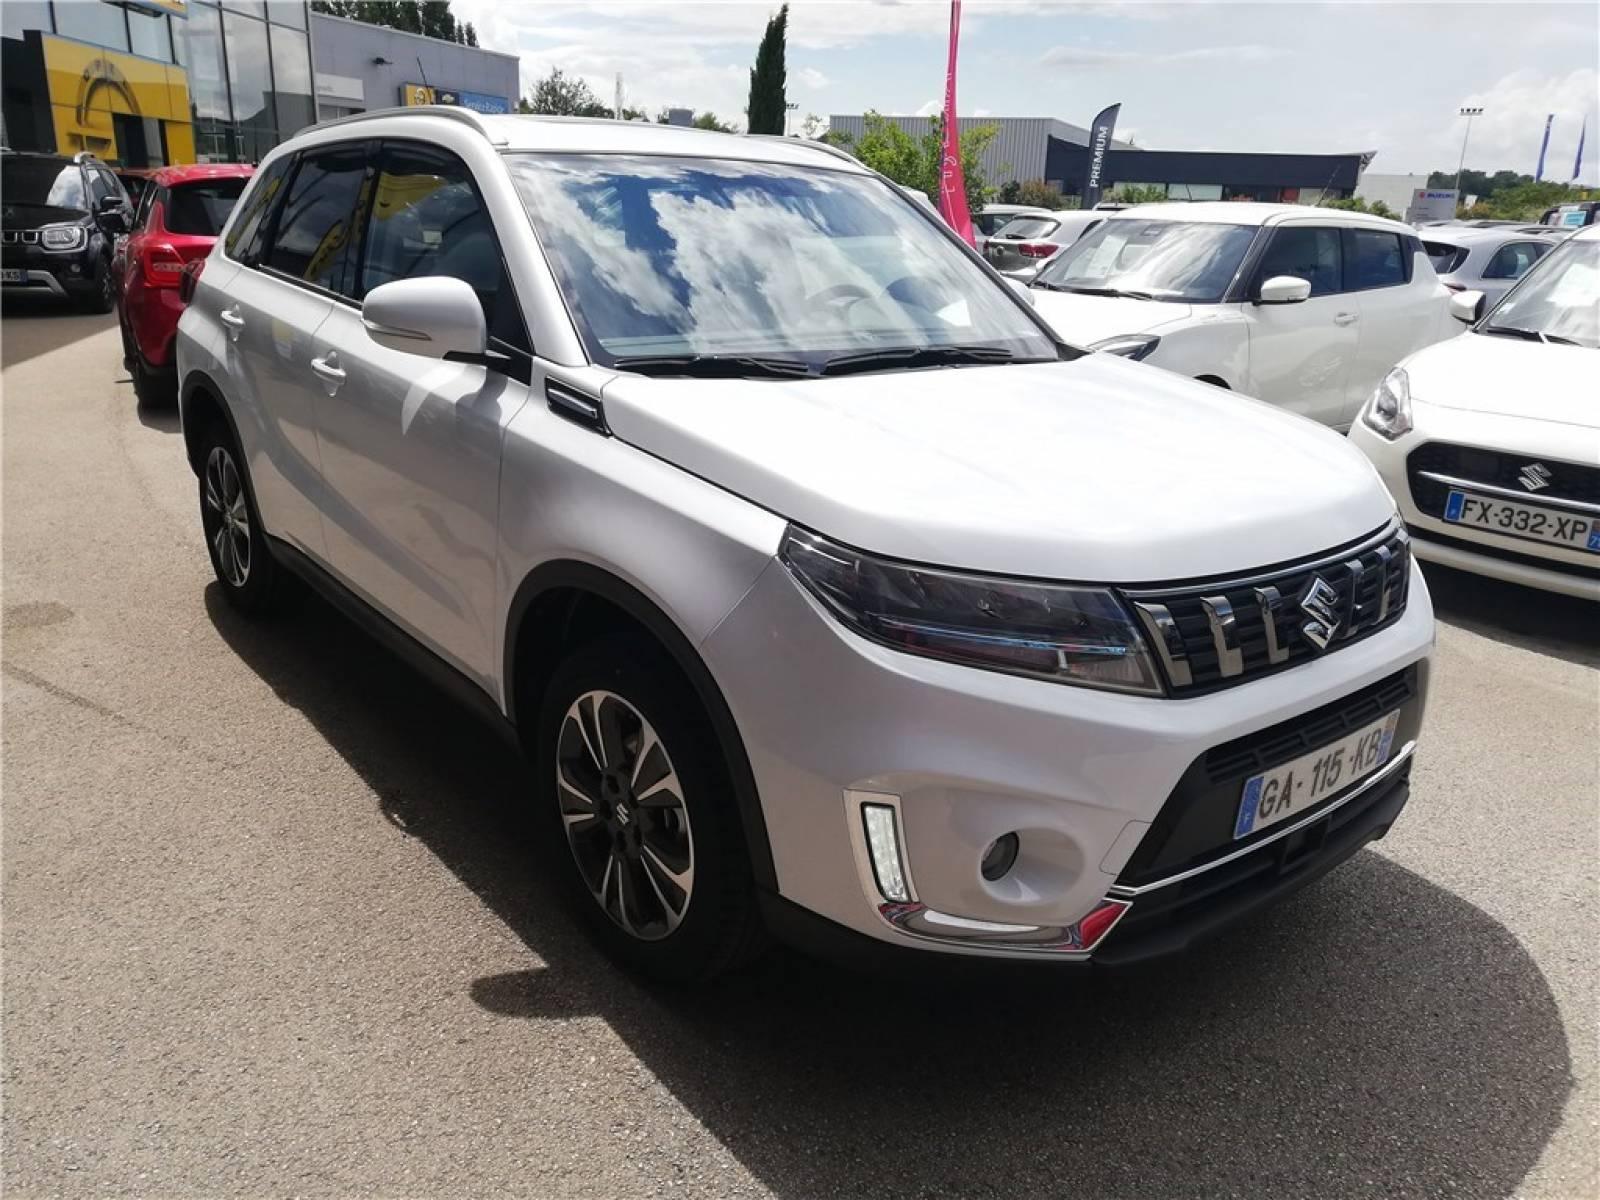 SUZUKI Vitara 1.4 Boosterjet Hybrid - véhicule d'occasion - Groupe Guillet - Hall de l'automobile - Chalon sur Saône - 71380 - Saint-Marcel - 44